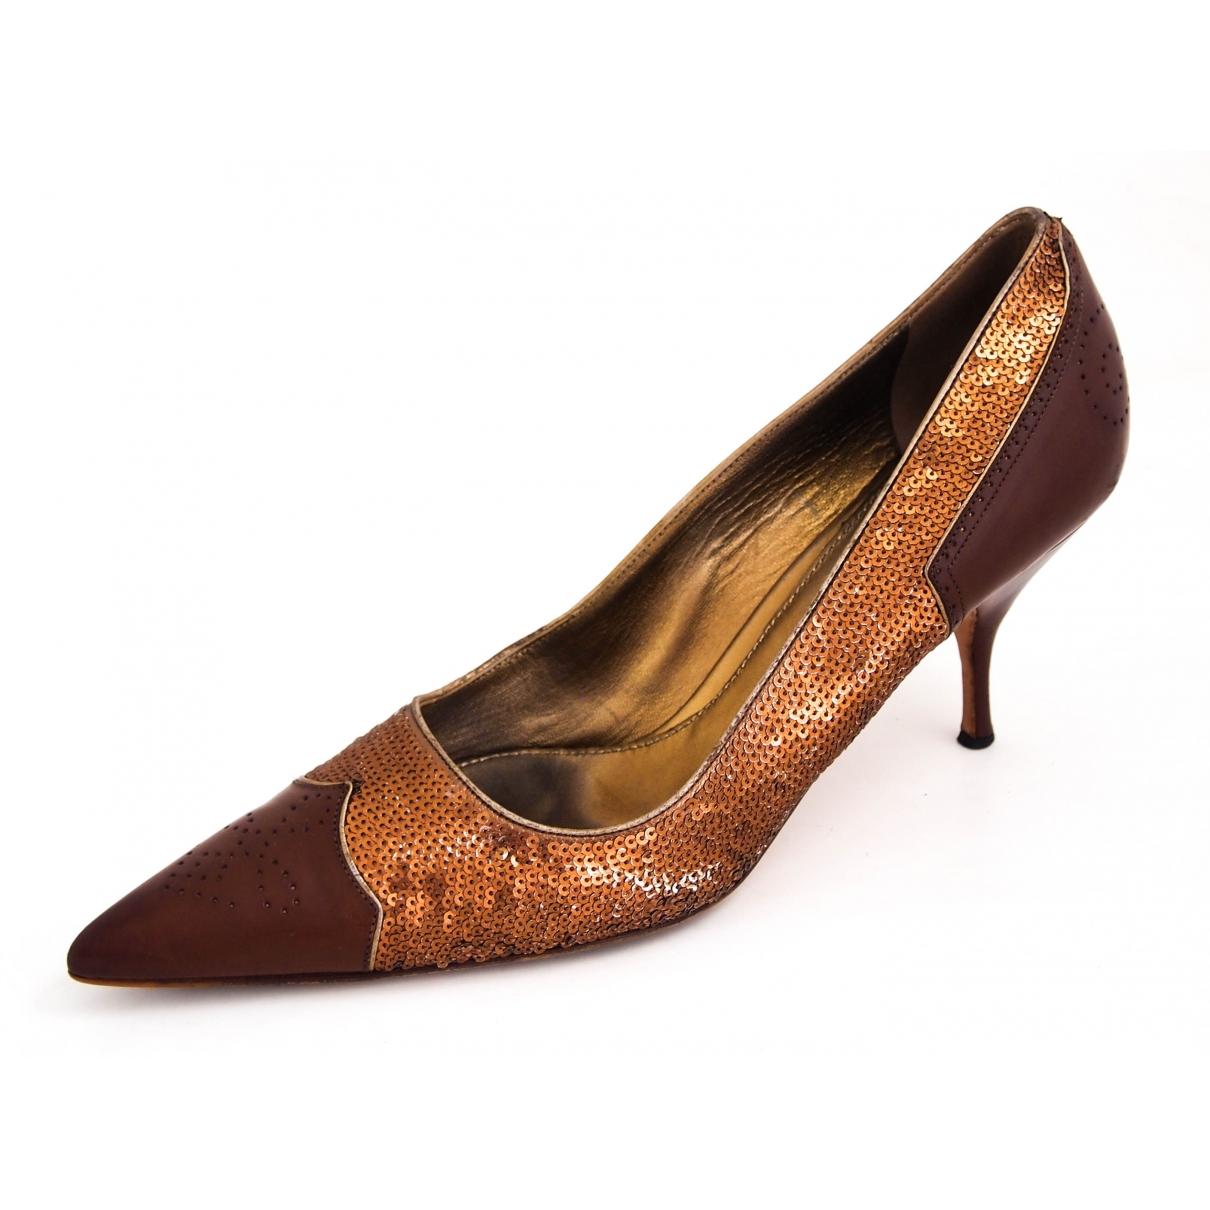 Prada - Escarpins   pour femme en a paillettes - marron